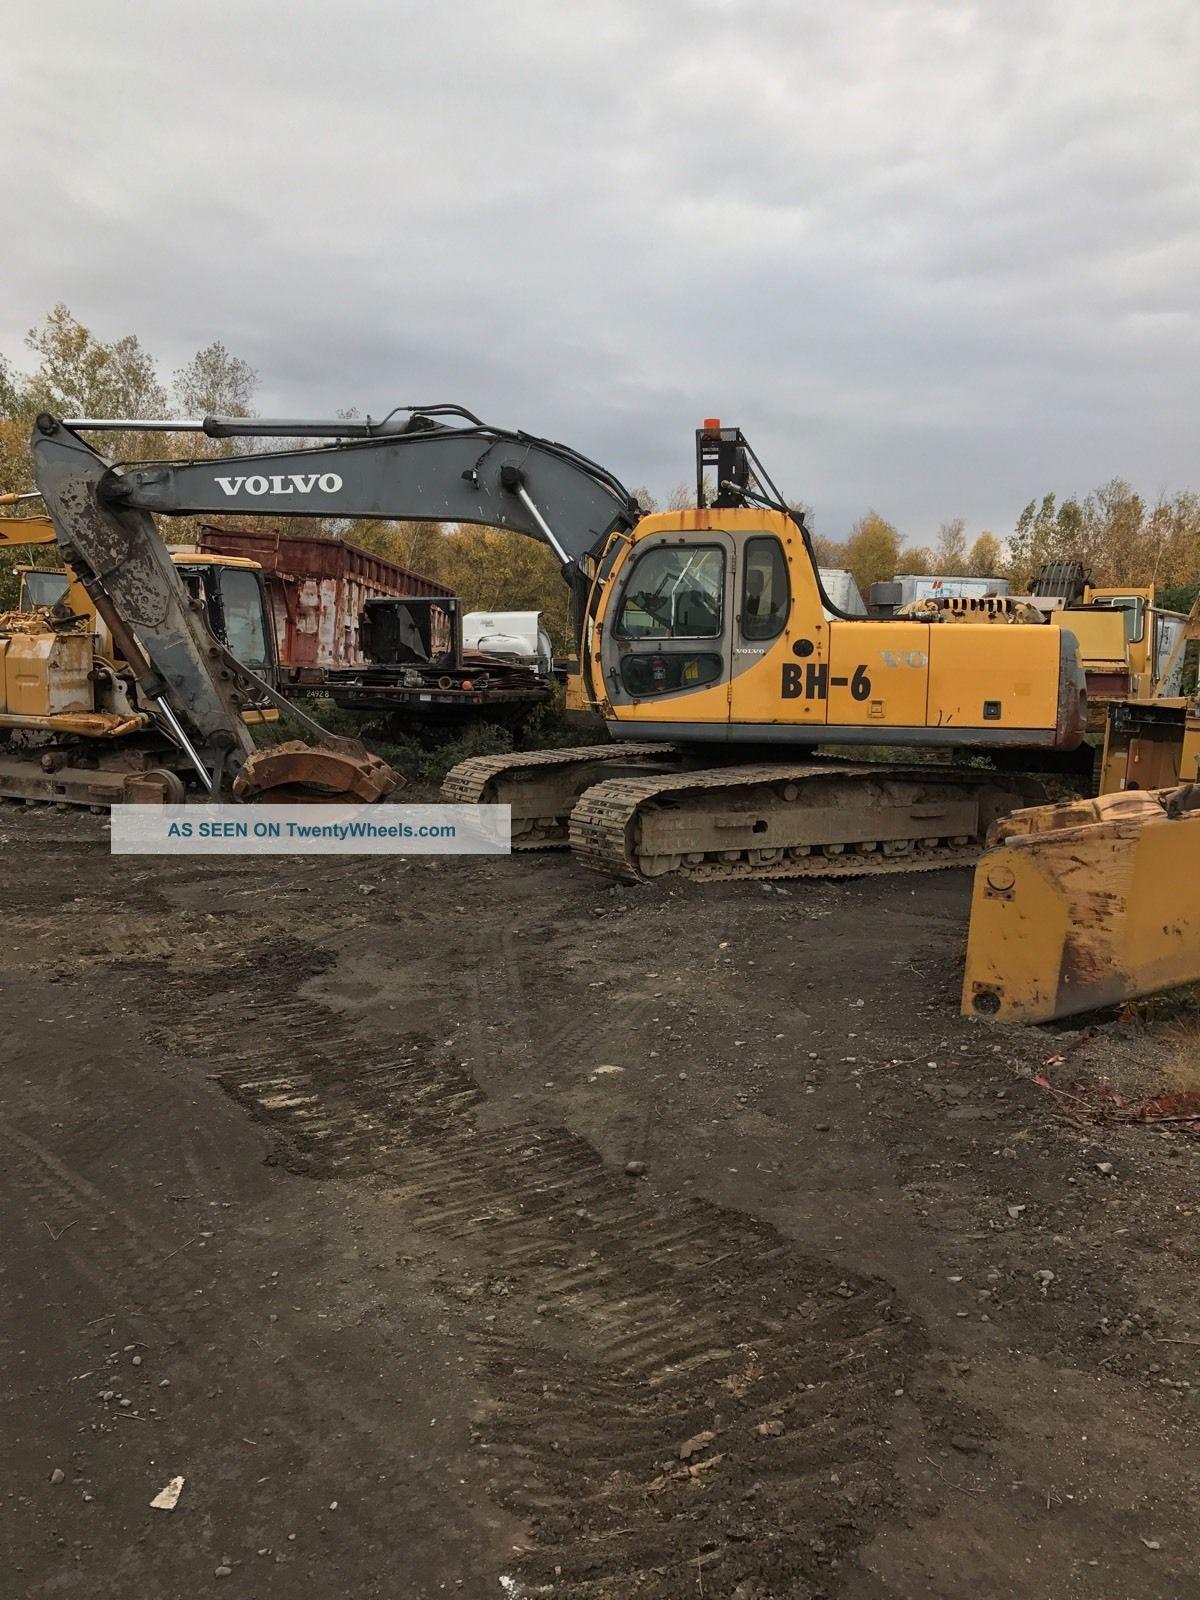 2002.  Volvo Ec210lc.  Excavator Excavators photo